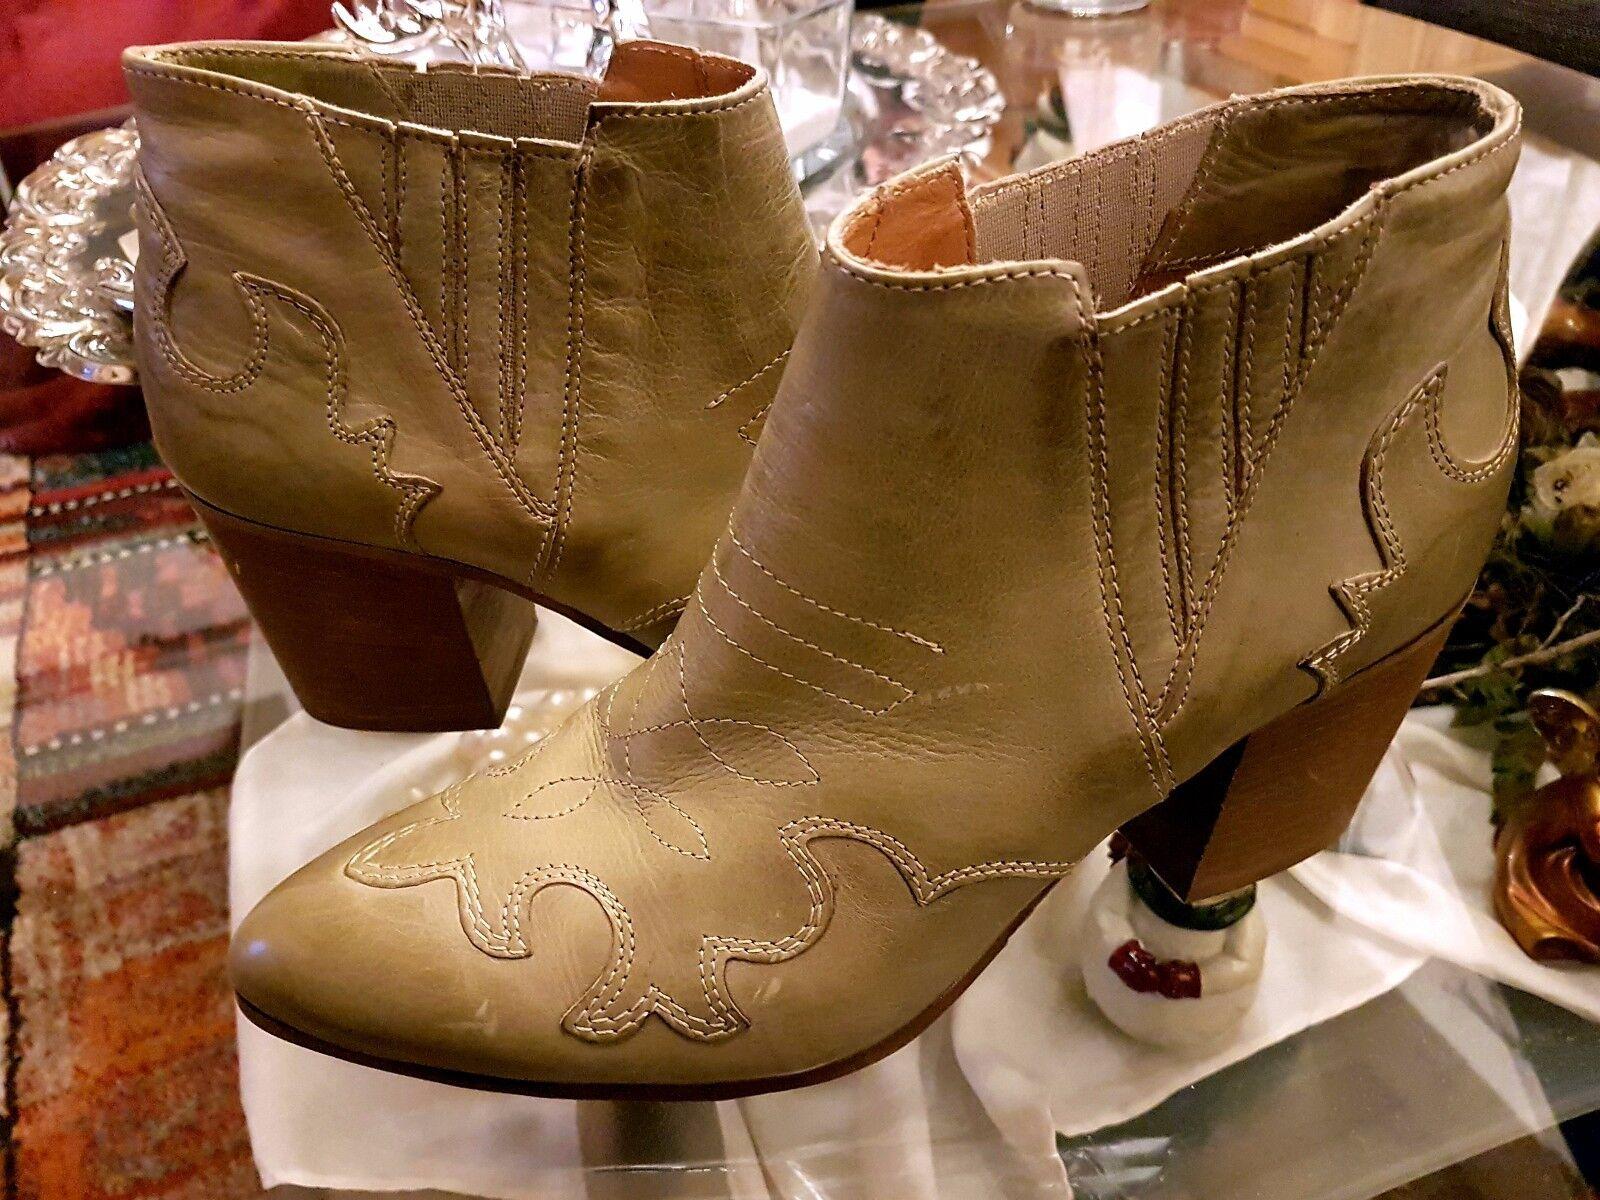 Nuevo-geniales empodium cowboy motorista botas botines talla talla talla 40  sorteos de estadio